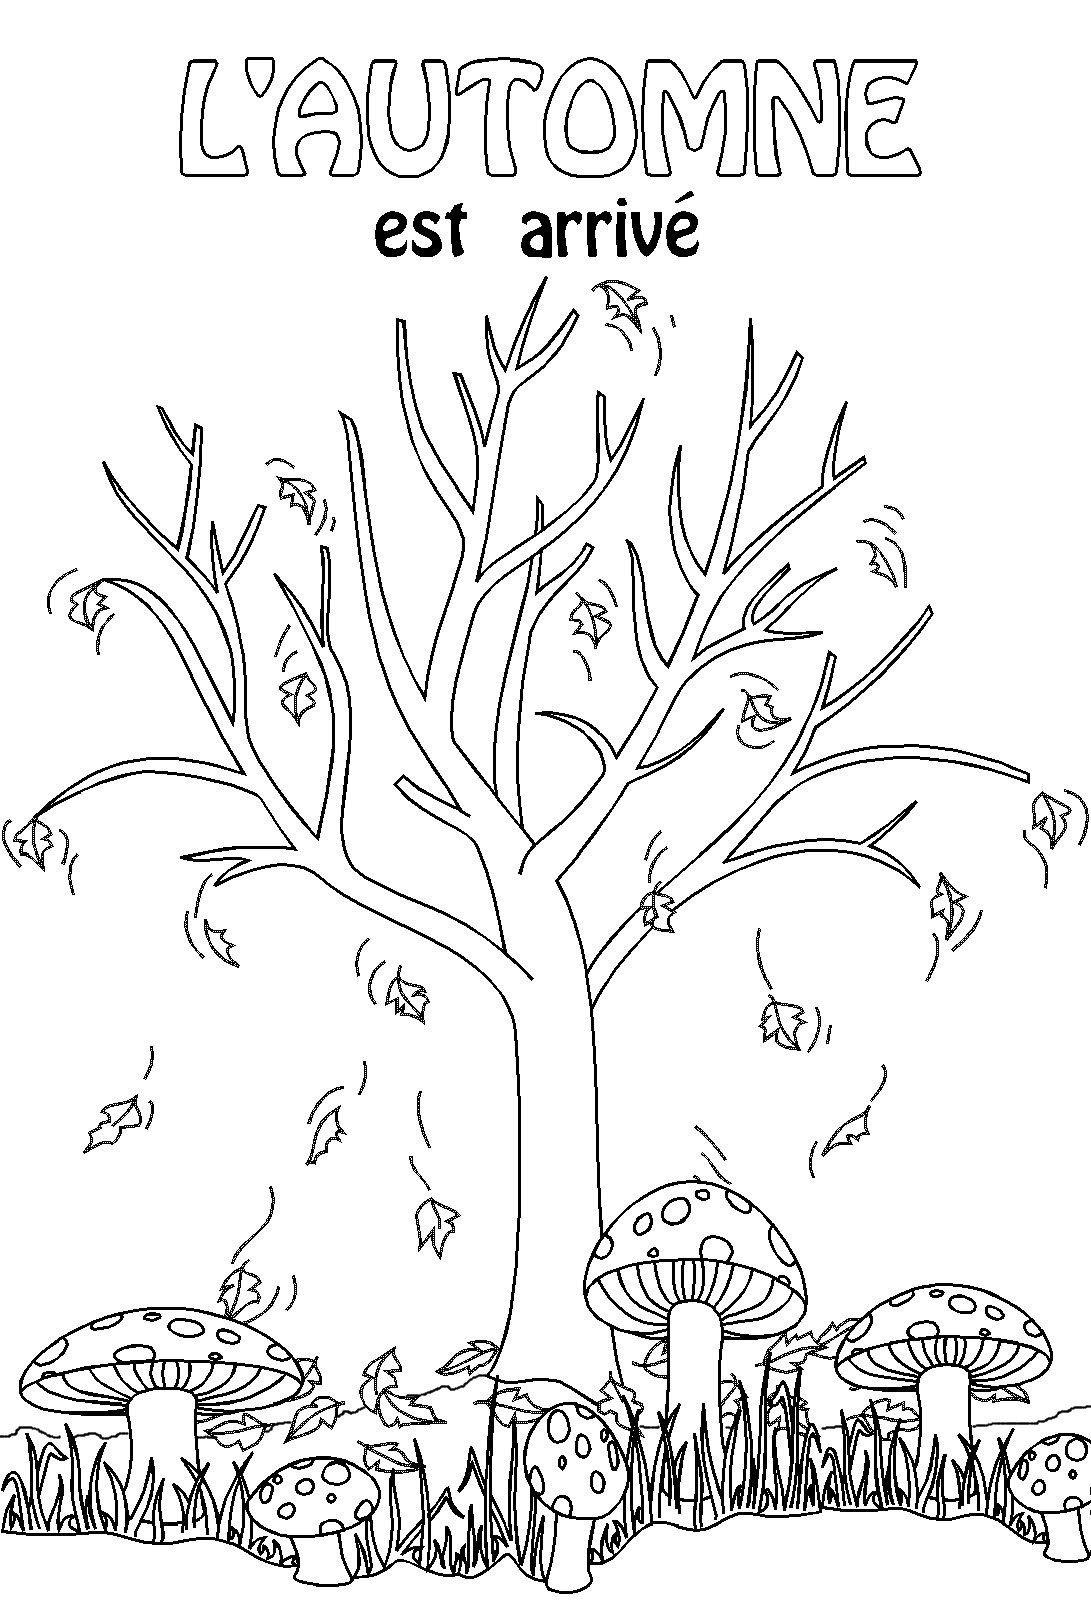 Le th me de l 39 automne la maternelle arts pinterest la maternelle les themes et maternelle - Activite automne maternelle ...